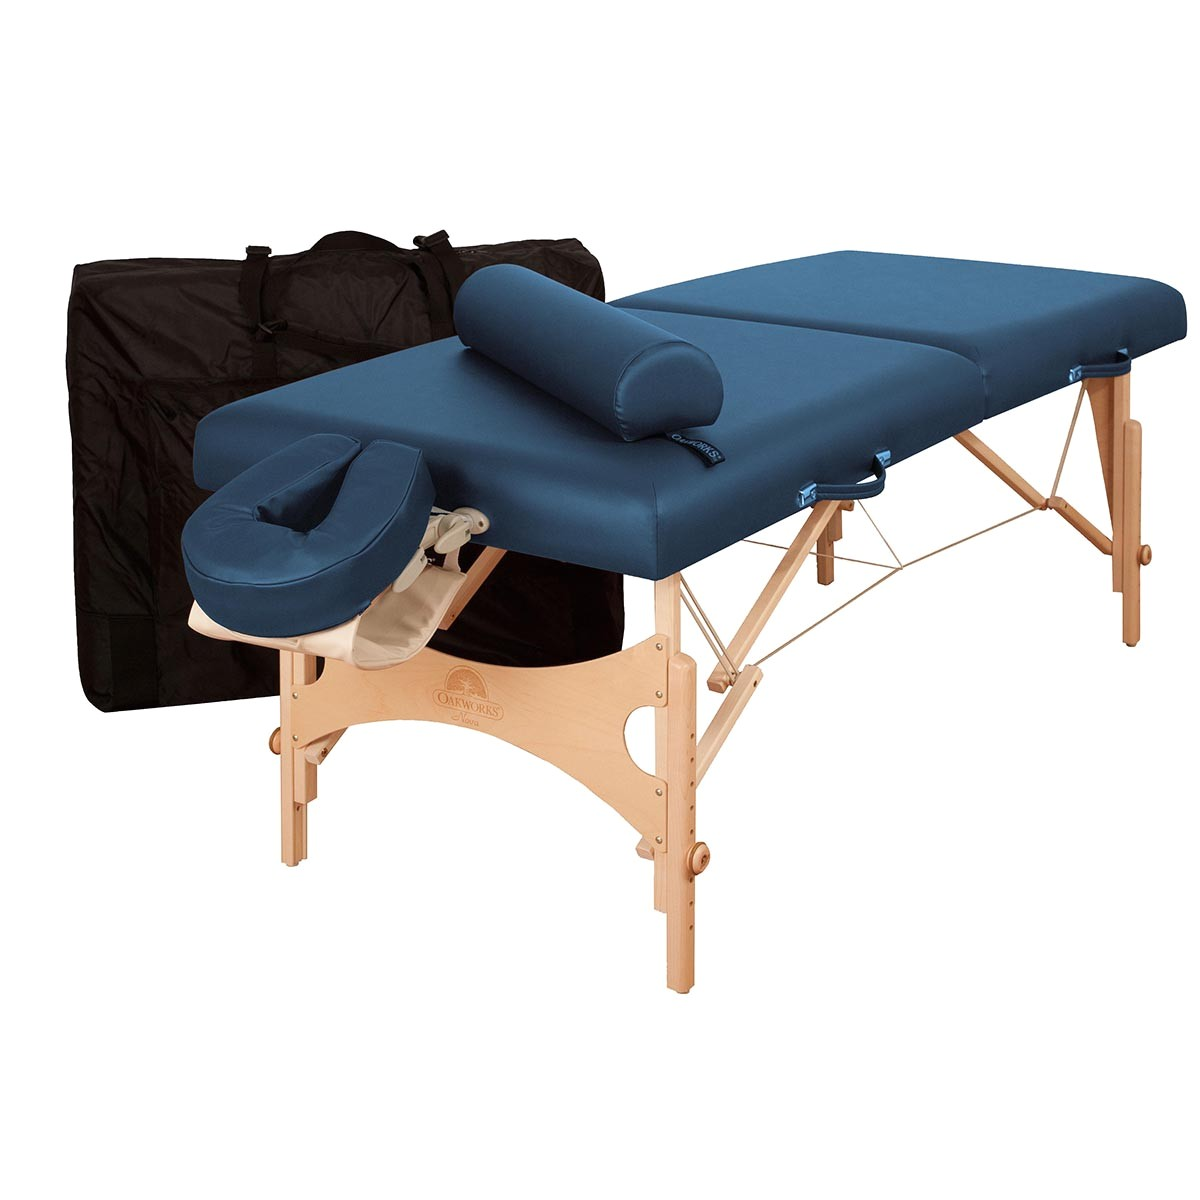 oakworks nova professional table package ocean 31 w60701po pkg4966 t20 p 944 22654